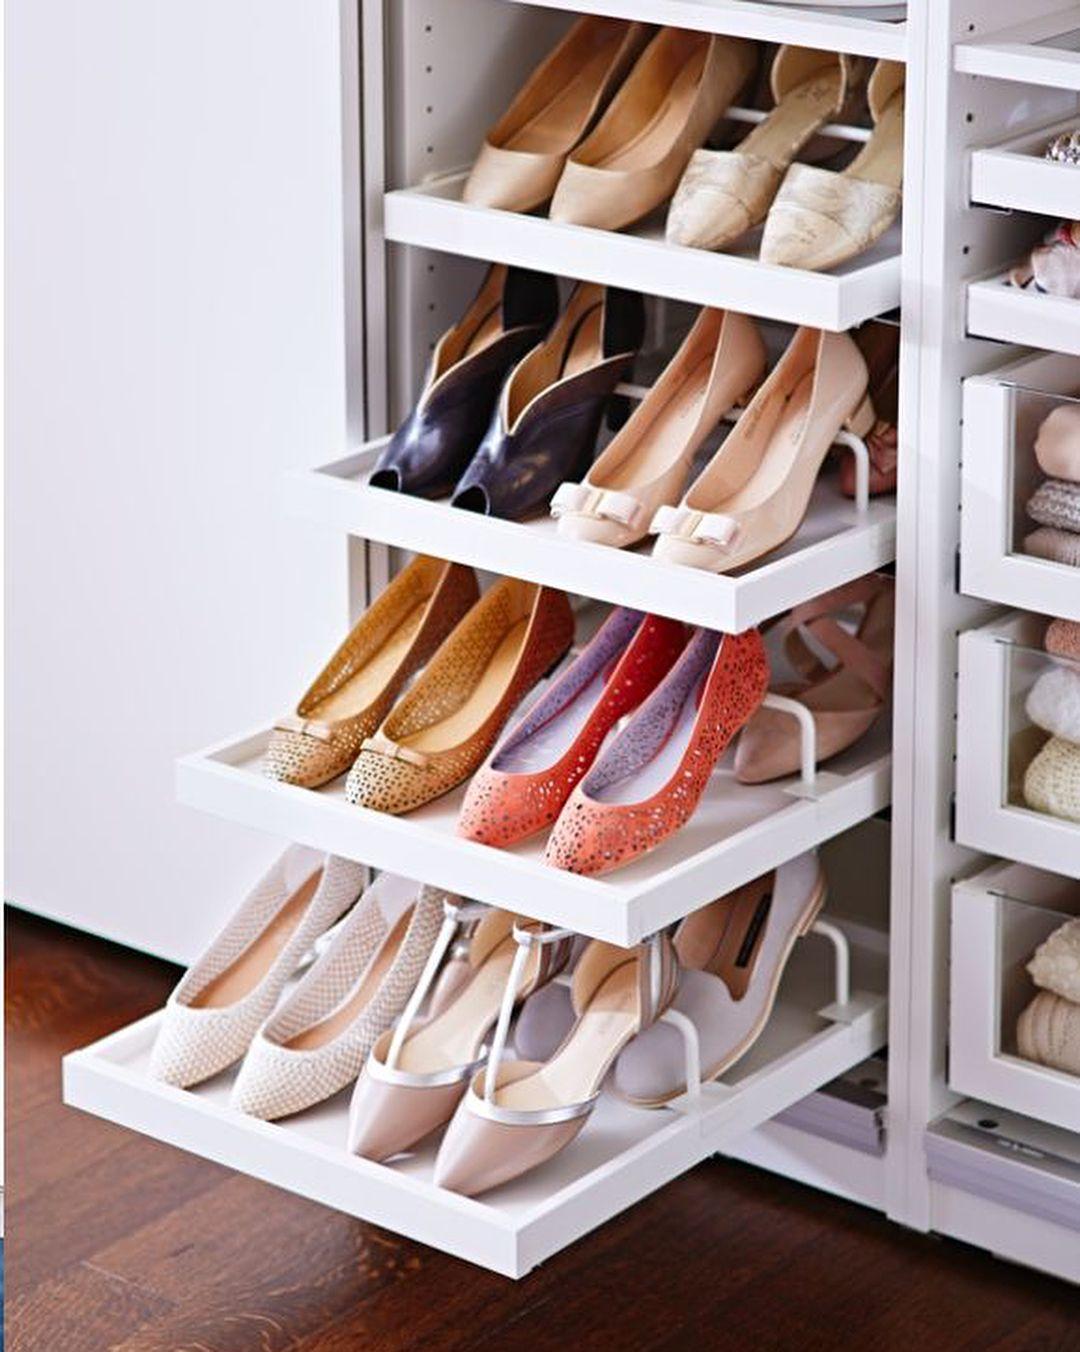 ff775fb8cf3b Лучший Прихожая с Полками для обуви и одежды Своими руками  125+ Фото  вариантов (с сиденьем, с вешалкой, с банкеткой и не только)